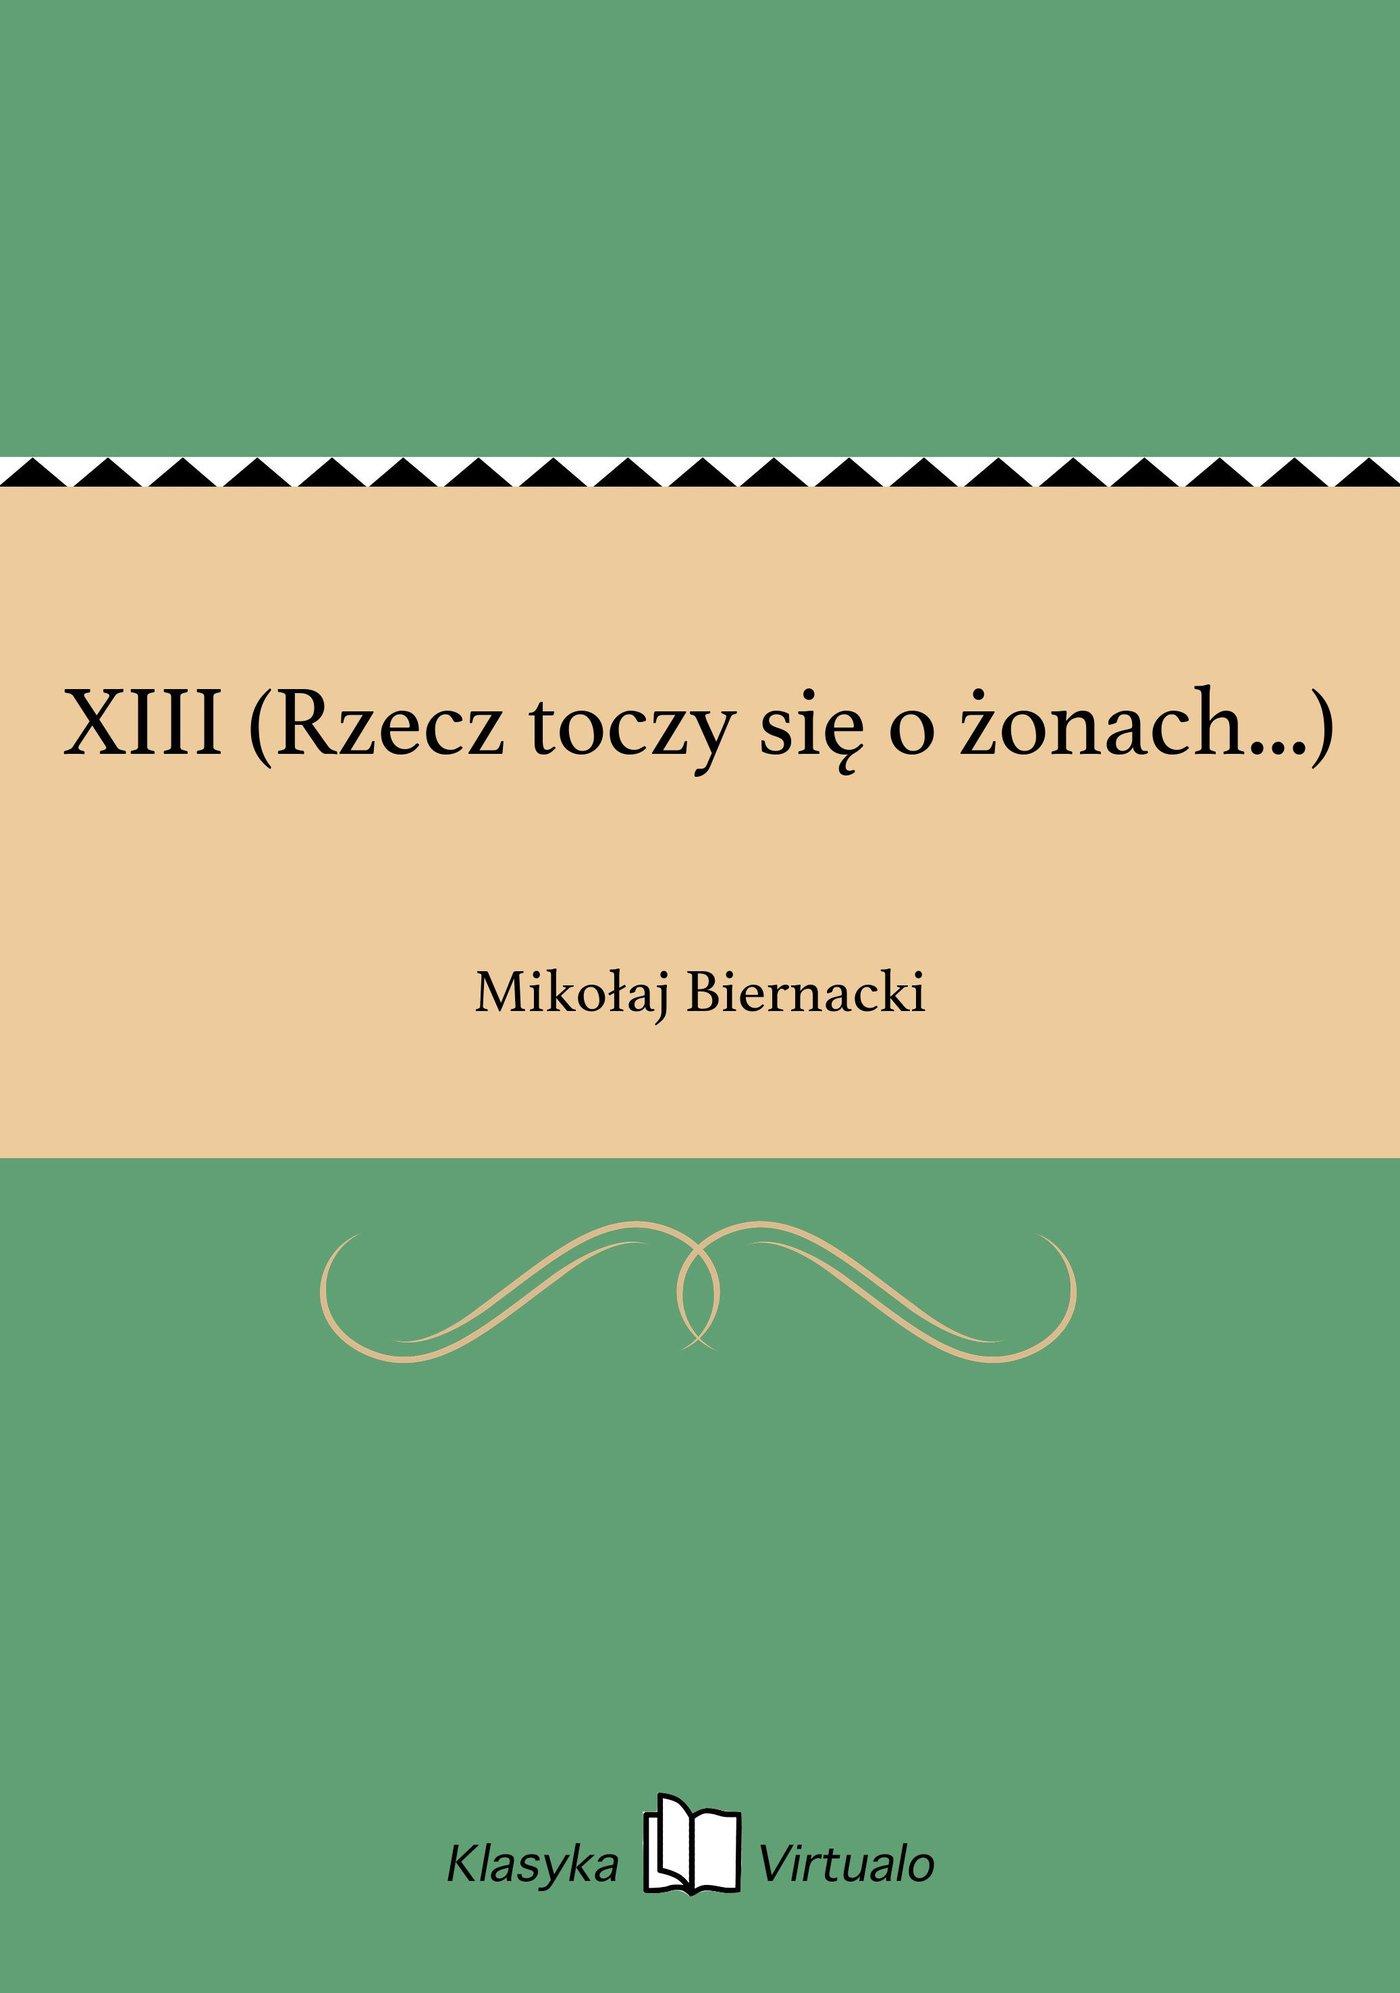 XIII (Rzecz toczy się o żonach...) - Ebook (Książka EPUB) do pobrania w formacie EPUB